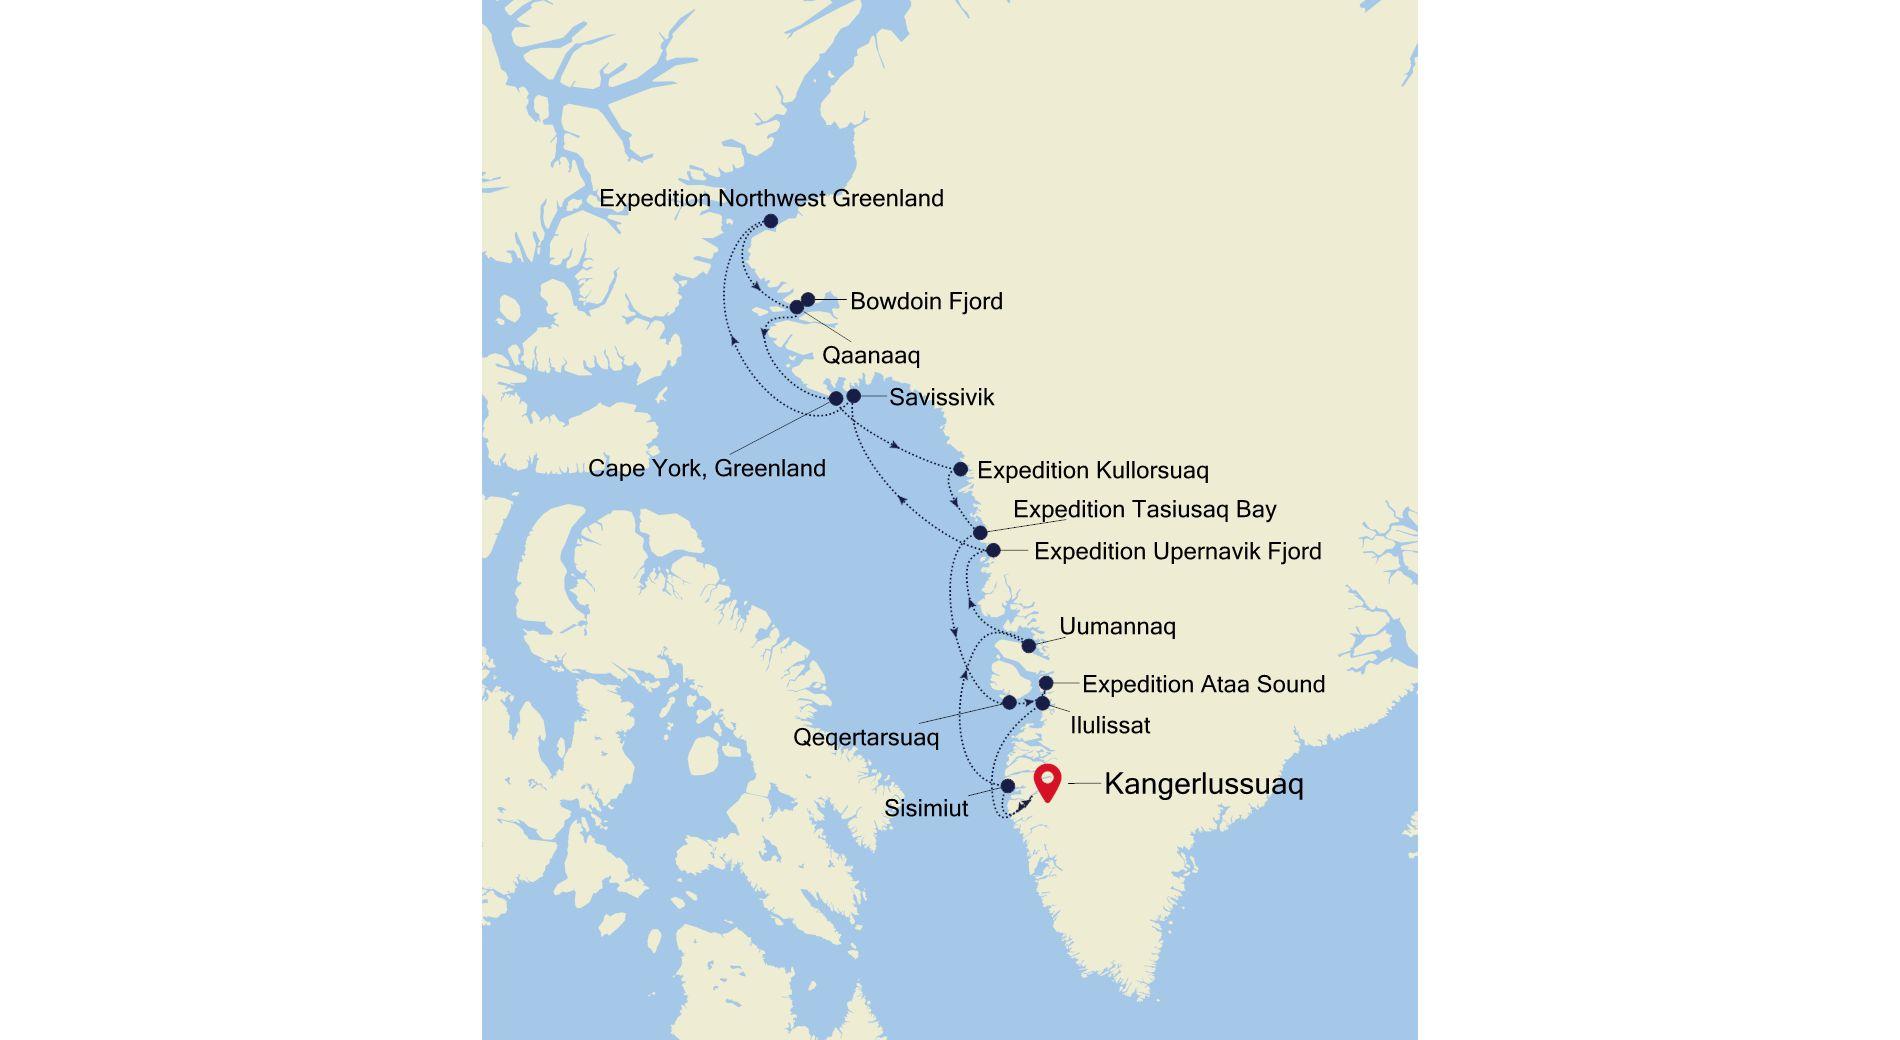 E4200805016 - Churchill nach Kangerlussuaq